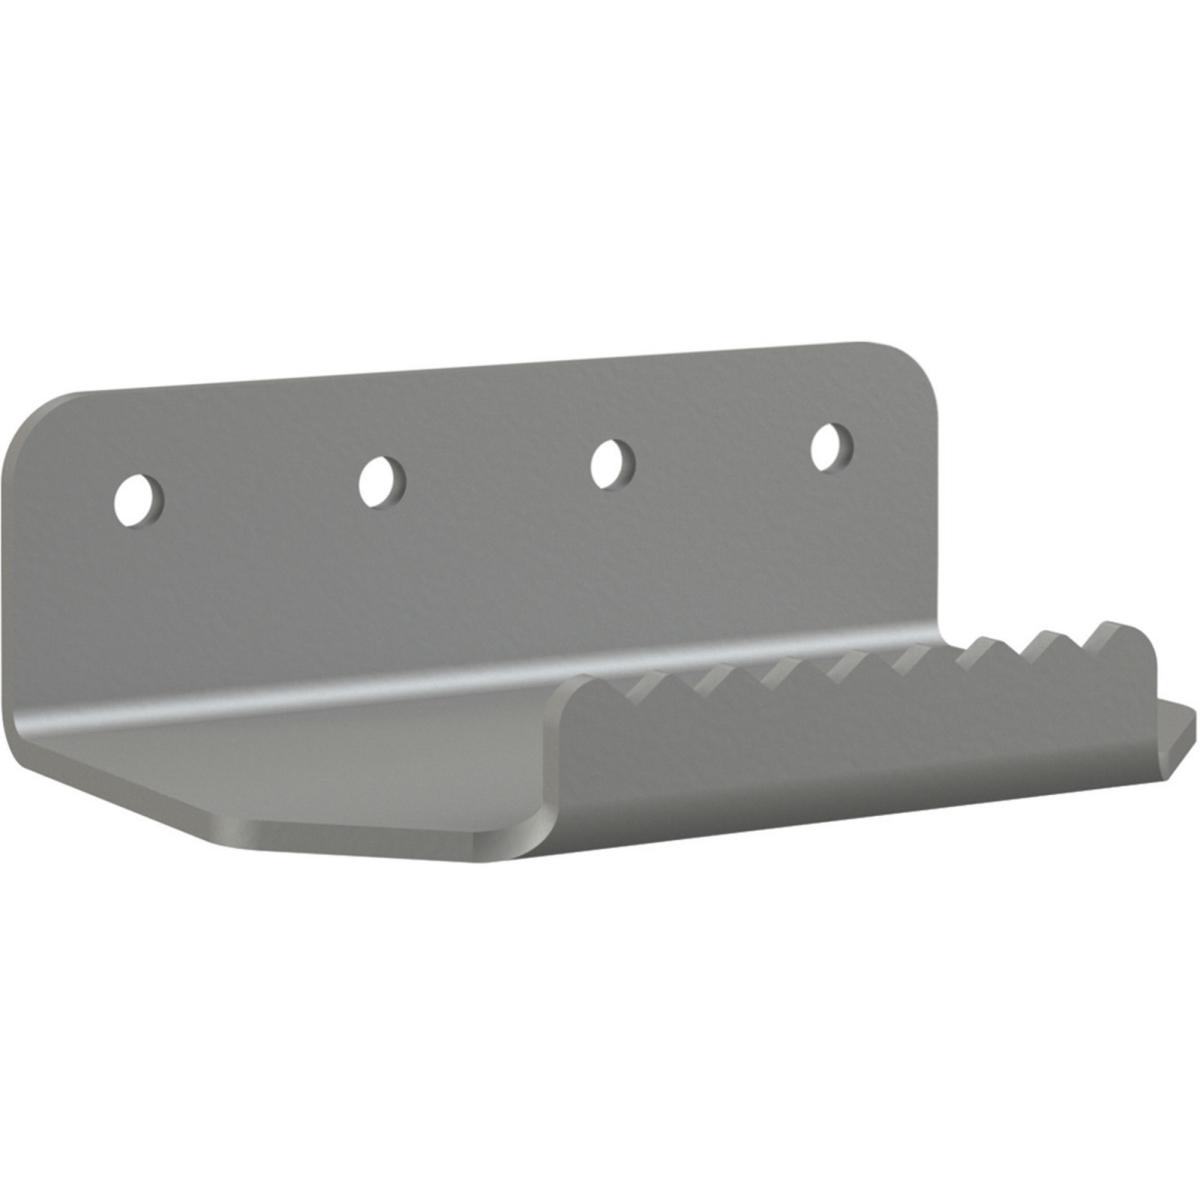 Armless Foot Pull, 5 x 3.75 x 1.5, Titanium, 5/Pack